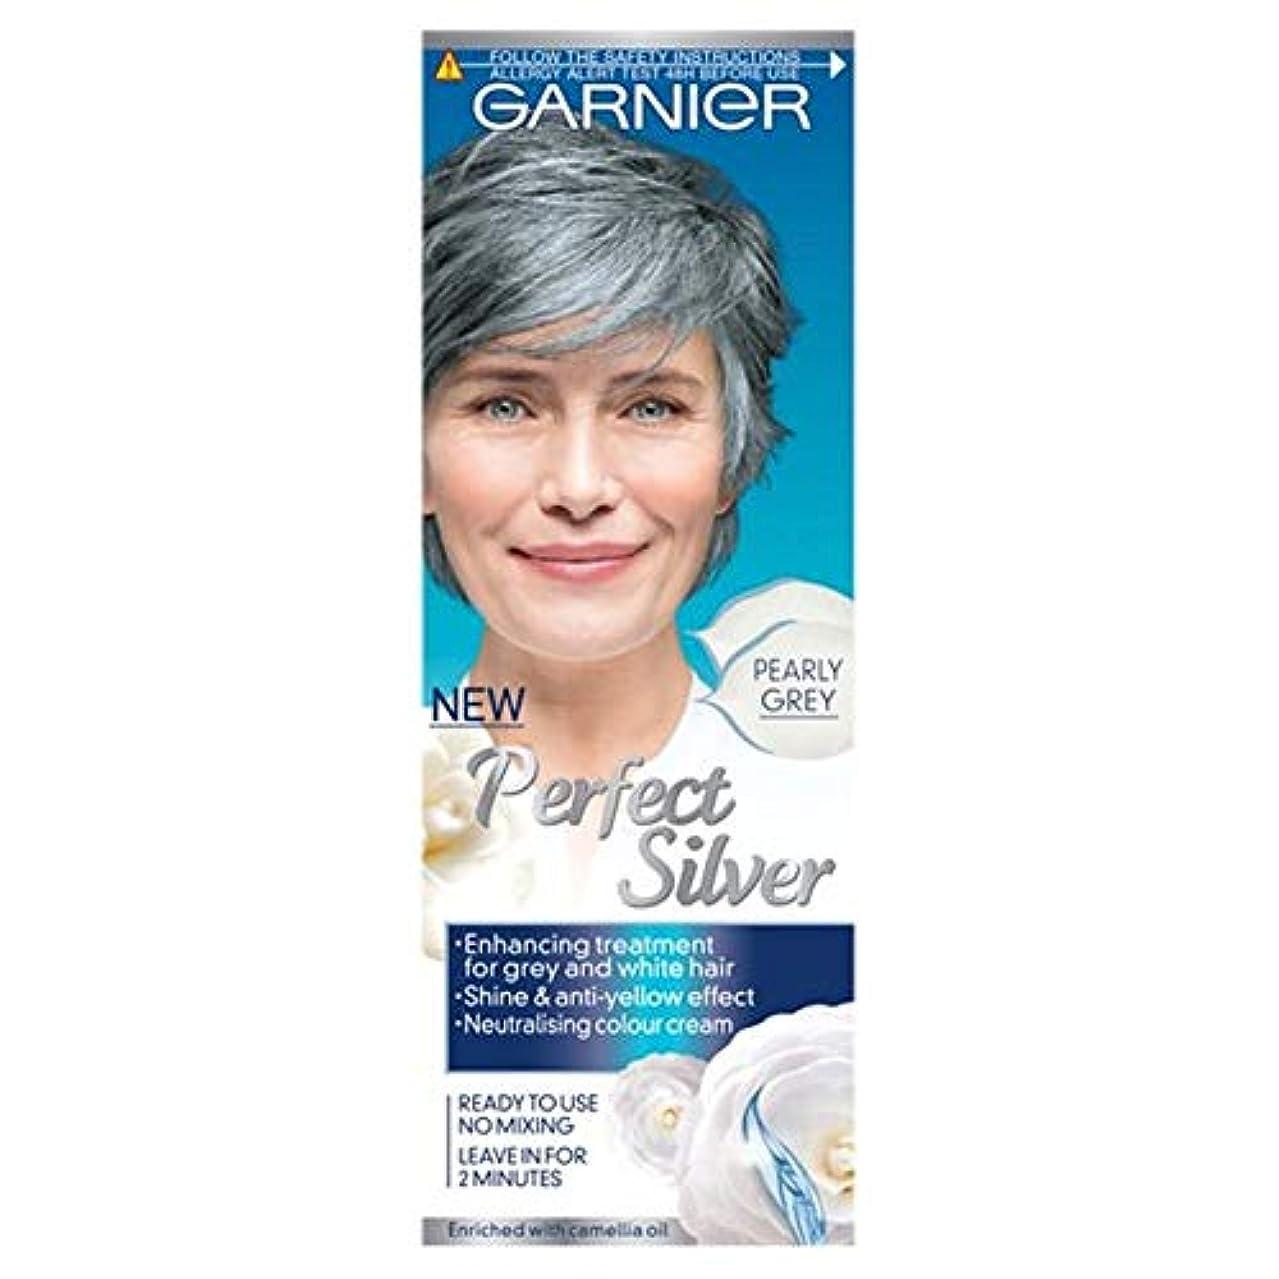 宿題をする拍車ひまわり[Nutrisse] ガルニエ完璧なシルバー、パールグレー80ミリリットル - Garnier Perfect Silver Pearly Grey 80Ml [並行輸入品]